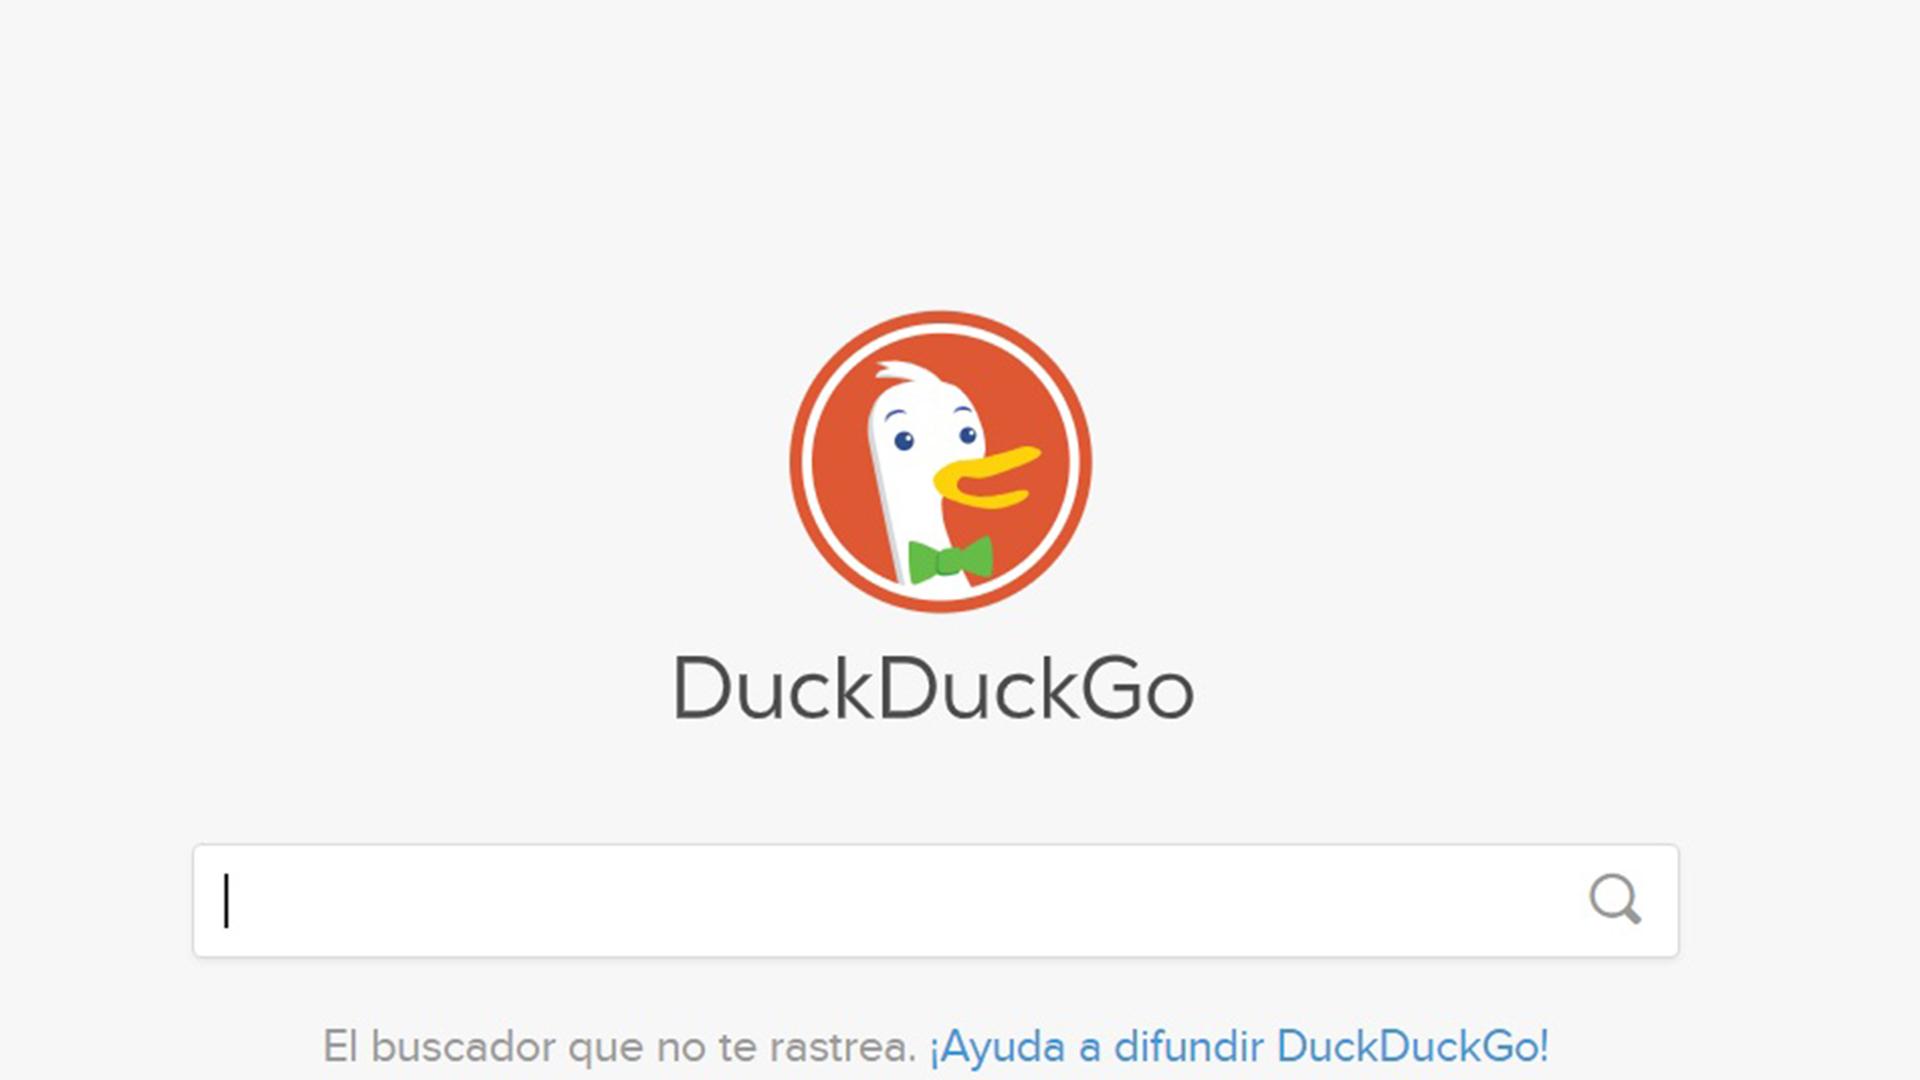 DuckDuckGo abre el código de su herramienta para monitorizar los sitios que te rastrean